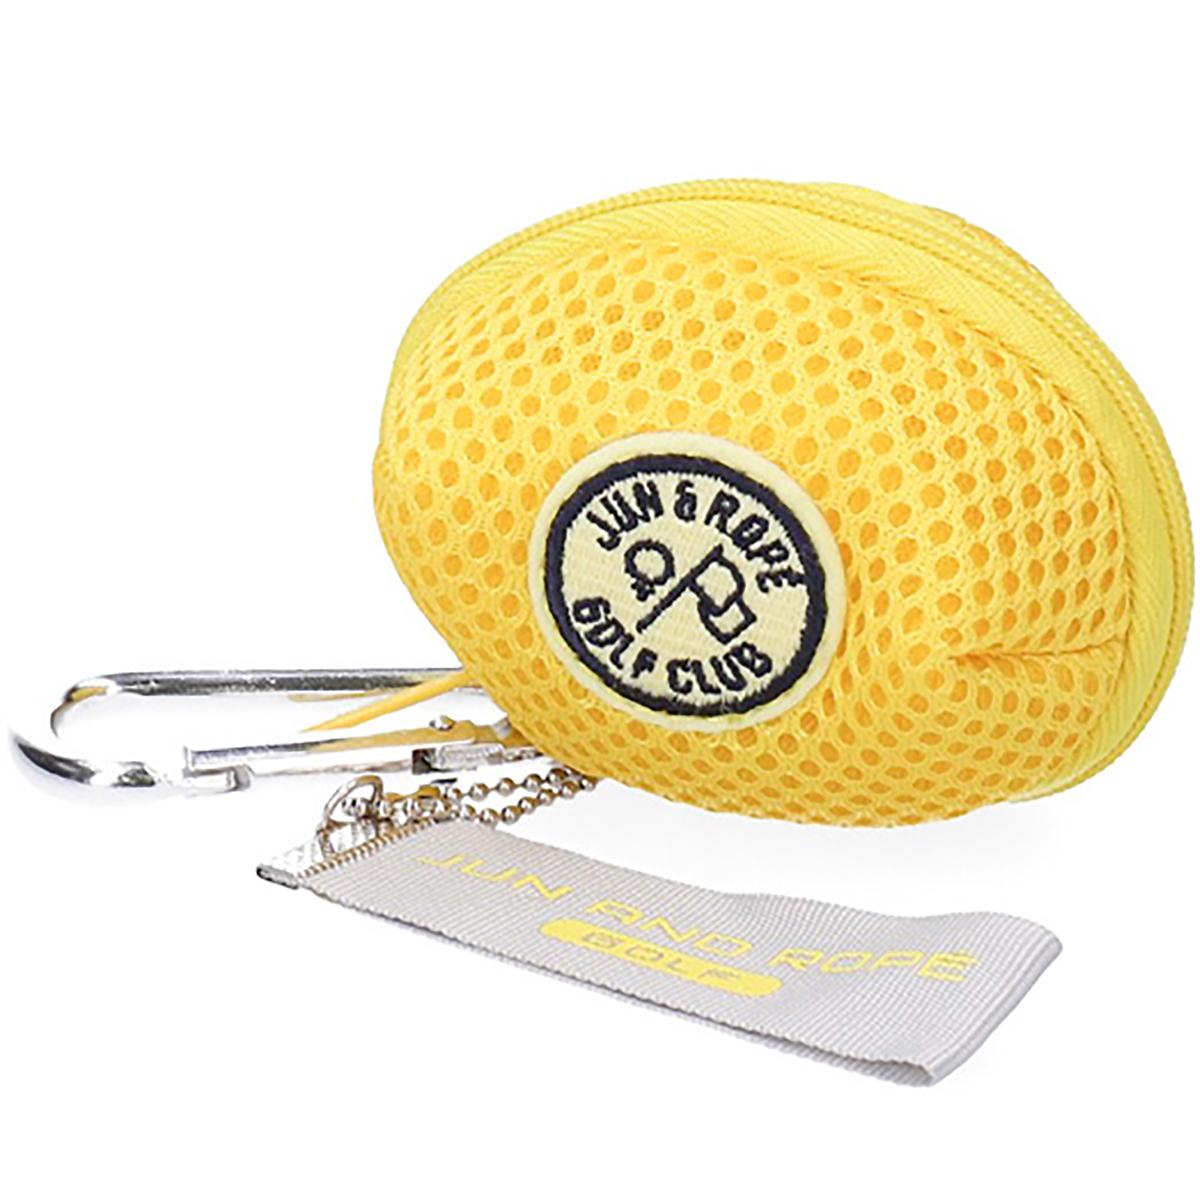 カラーメッシュ ボールポーチ